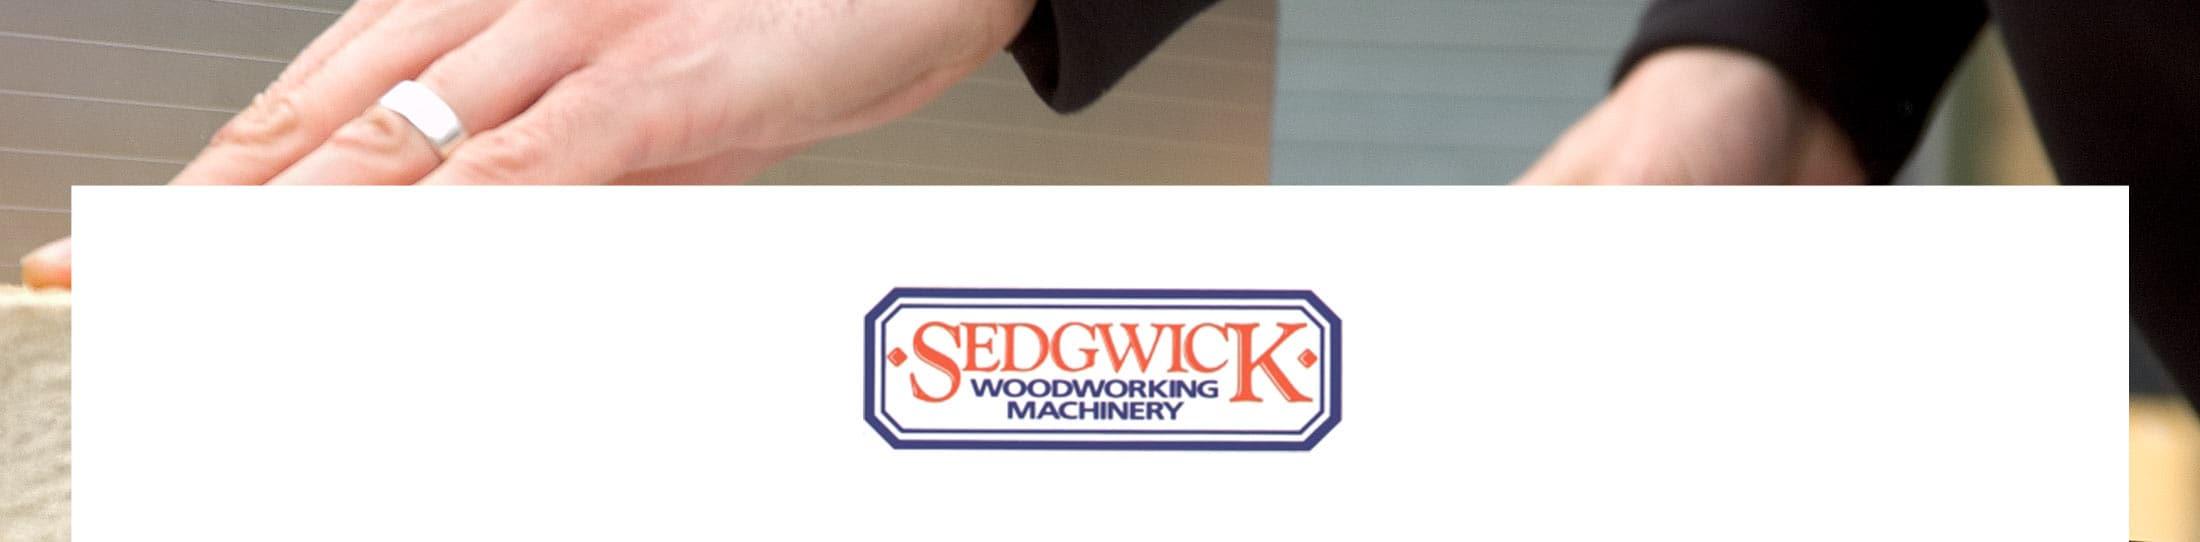 Sedgwick Machinery